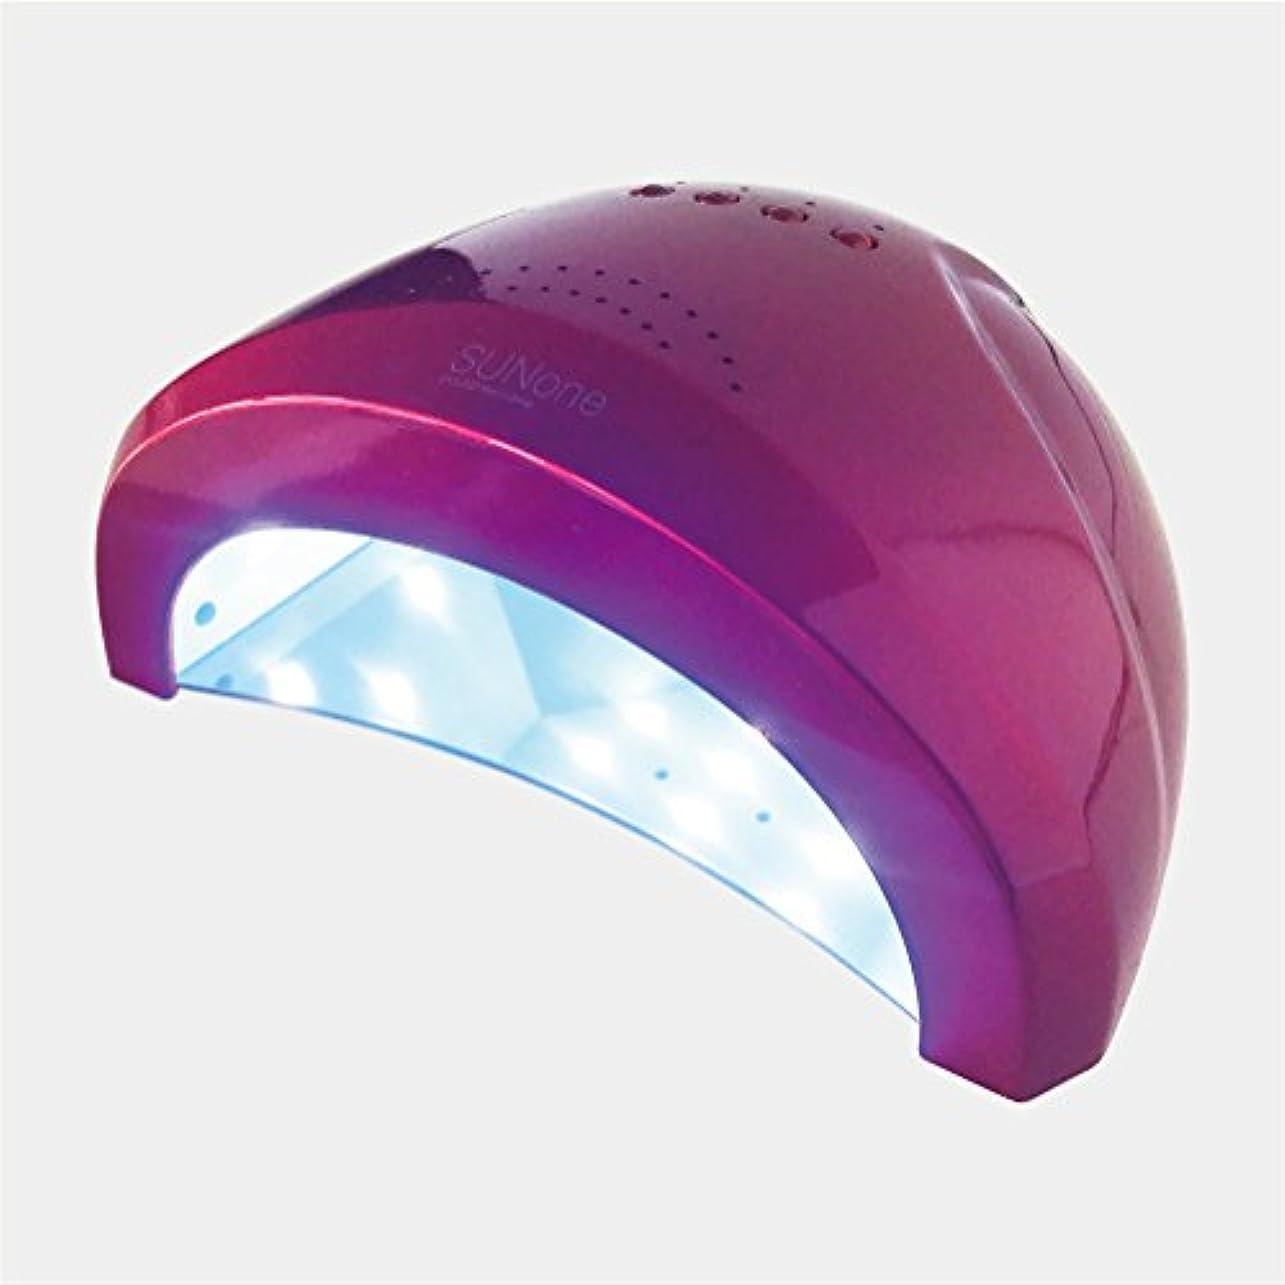 ヘア混合シンポジウムジェルネイル?クラフトレジン 48w UV/LEDライト 2in1 人感センサー付き ネイルドライヤー UV/LED兼用ライト 【保証付き】 カラー:レッド